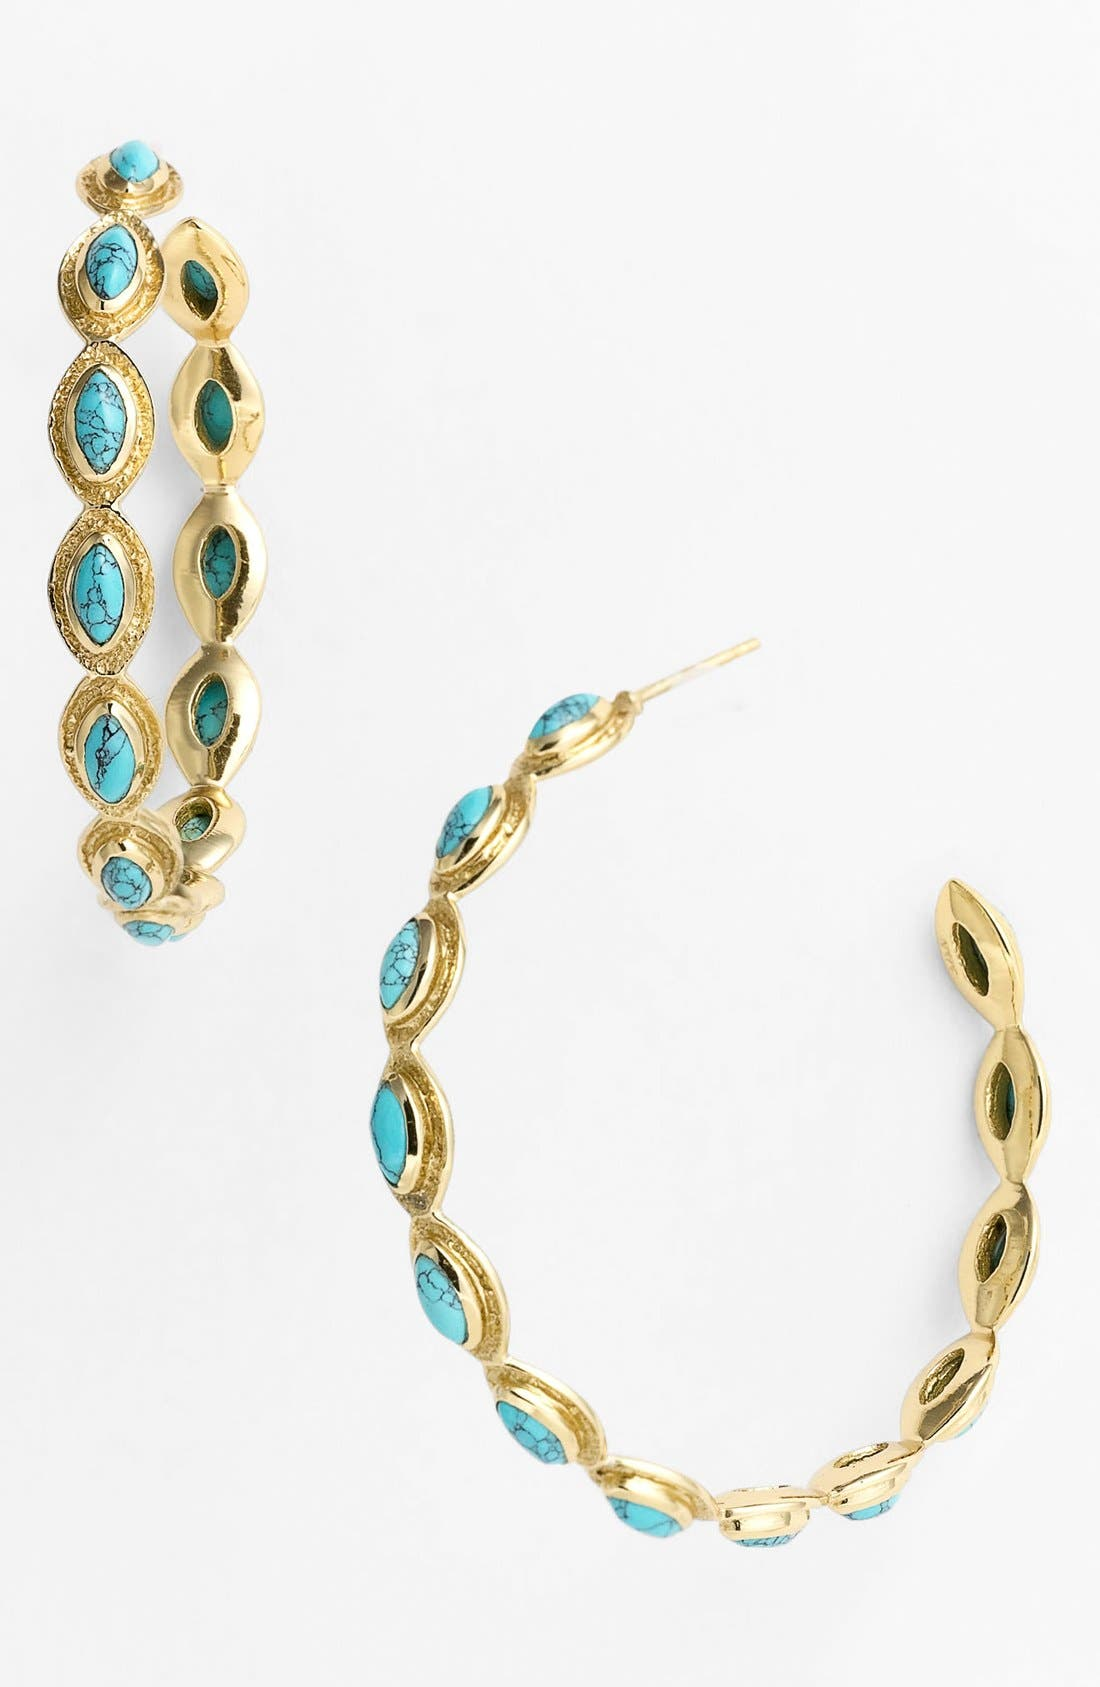 Alternate Image 1 Selected - Melinda Maria 'Gwyneth' Medium Hoop Earrings (Nordstrom Exclusive)